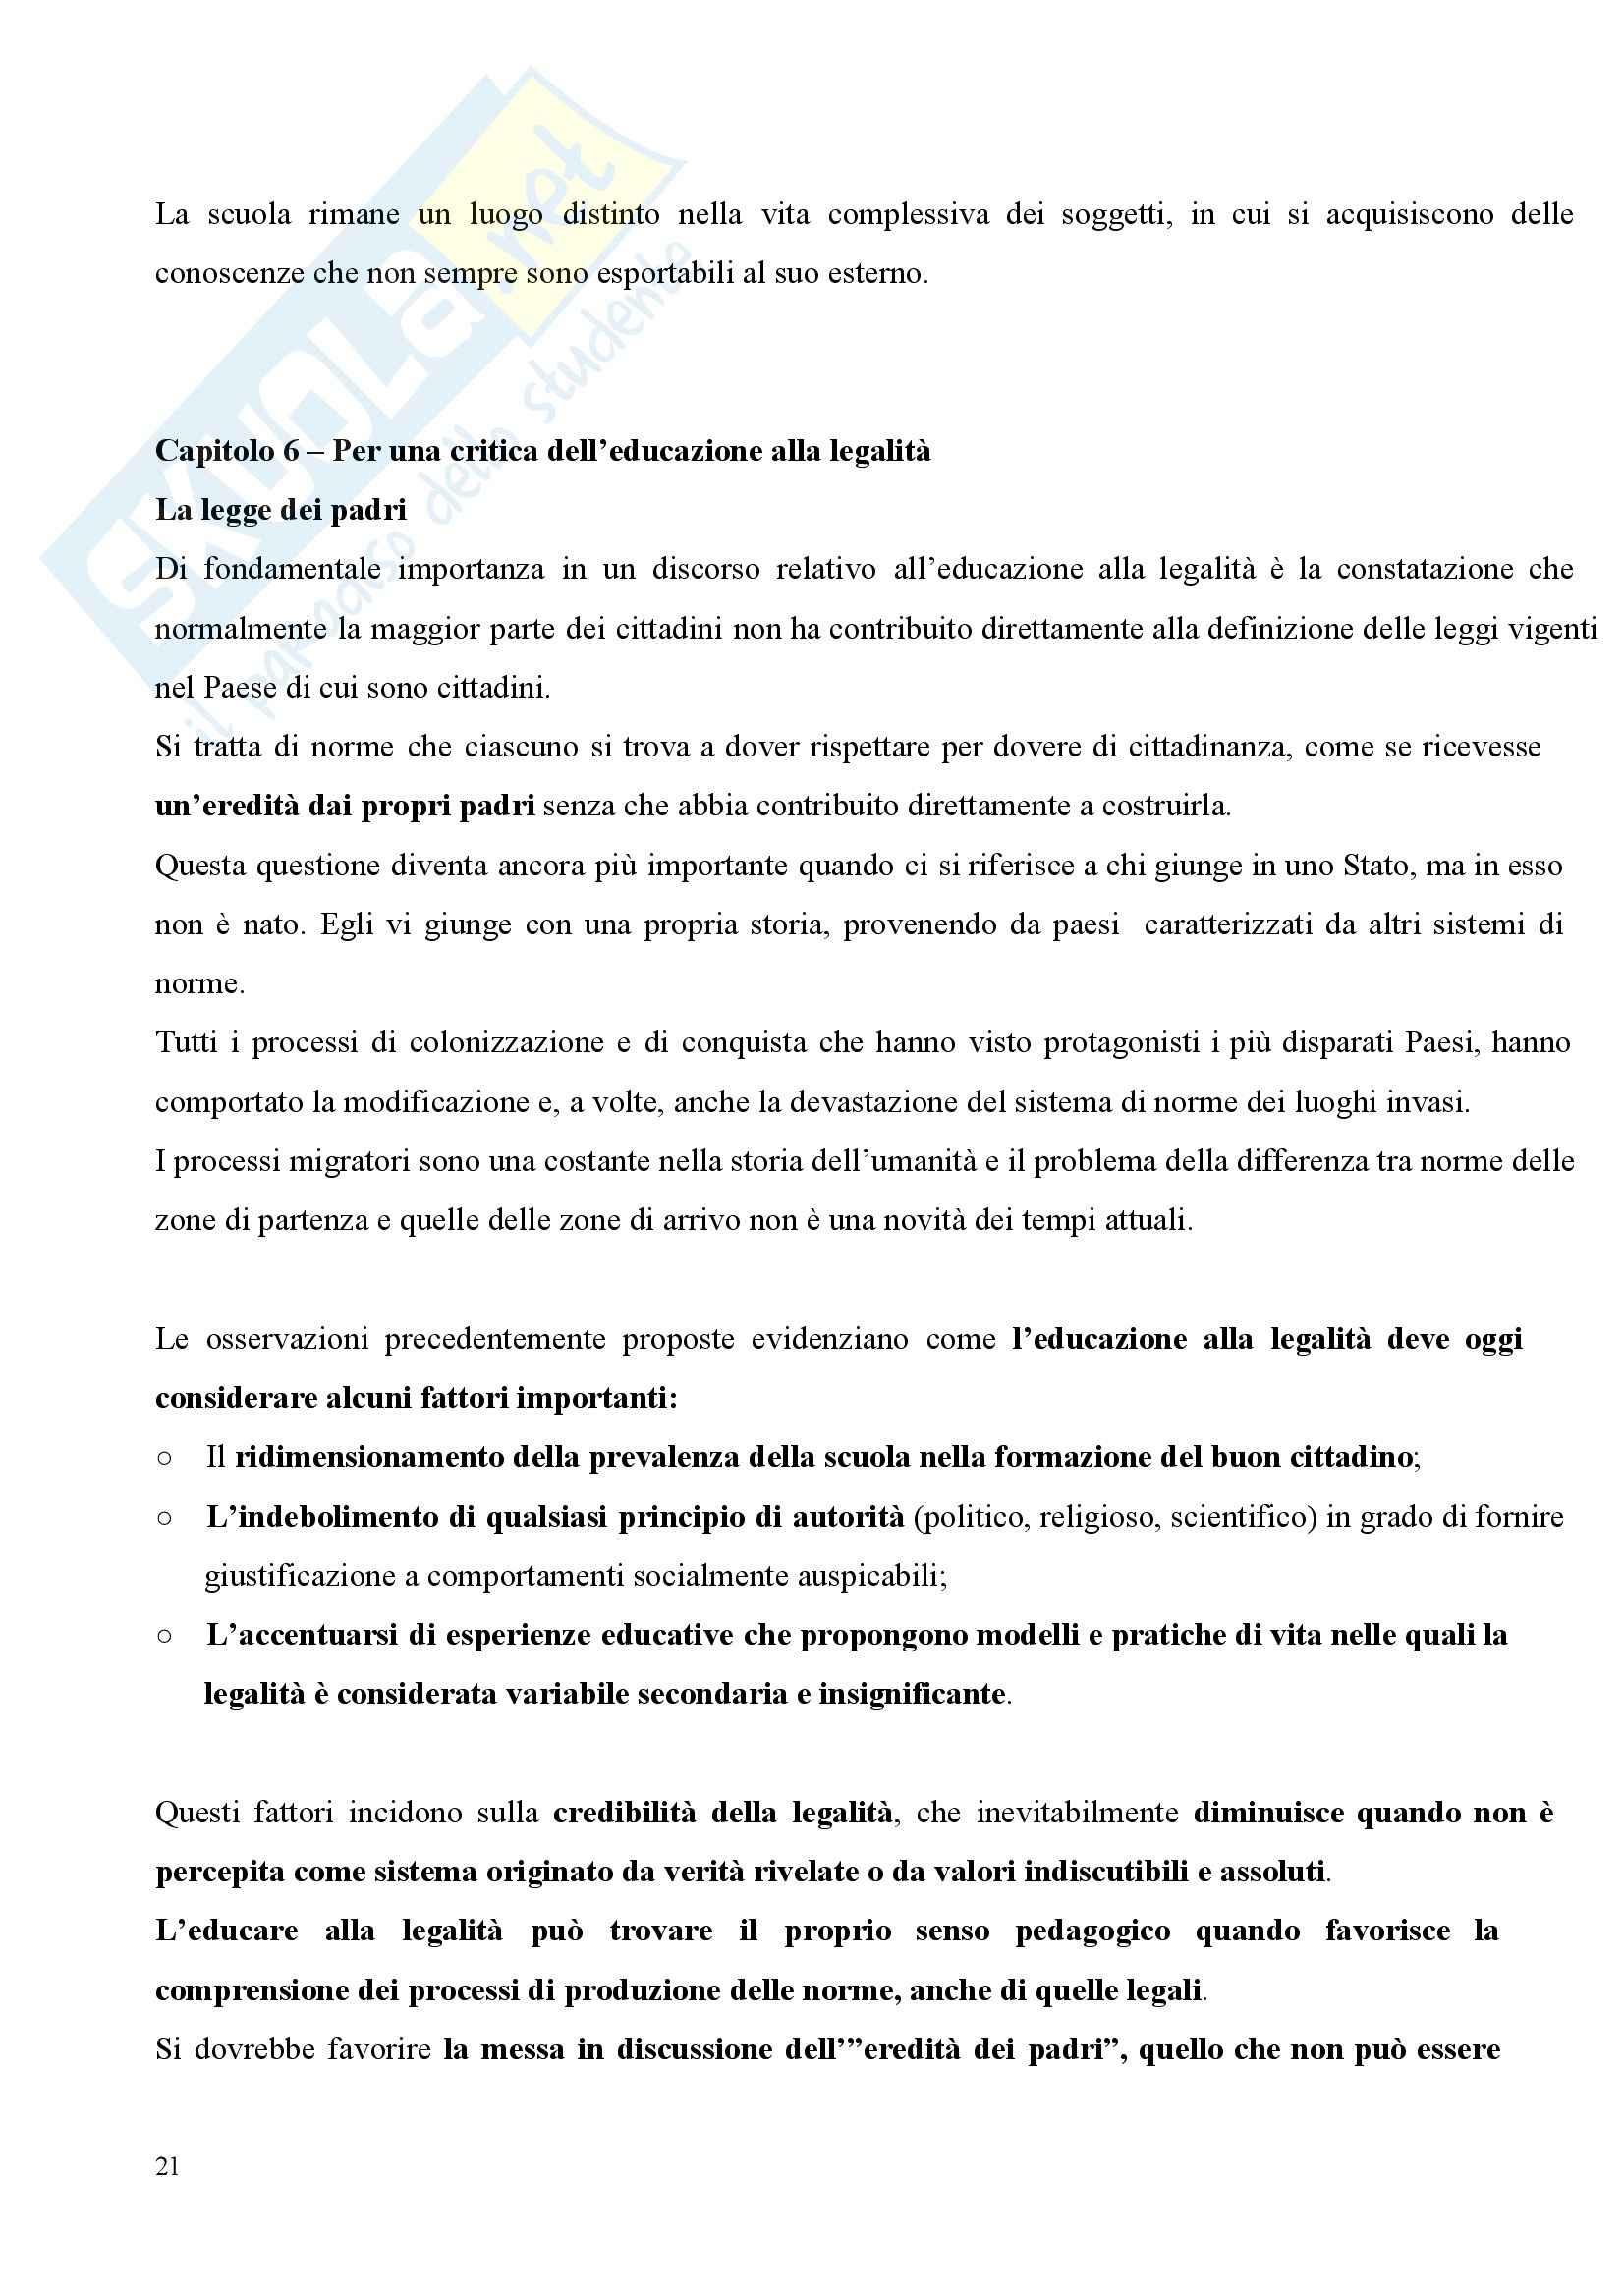 Riassunto esame Pedagogia Sociale, prof. Tramma, libro consigliato Legalità Illegalità: Il Confine Pedagogico Pag. 21